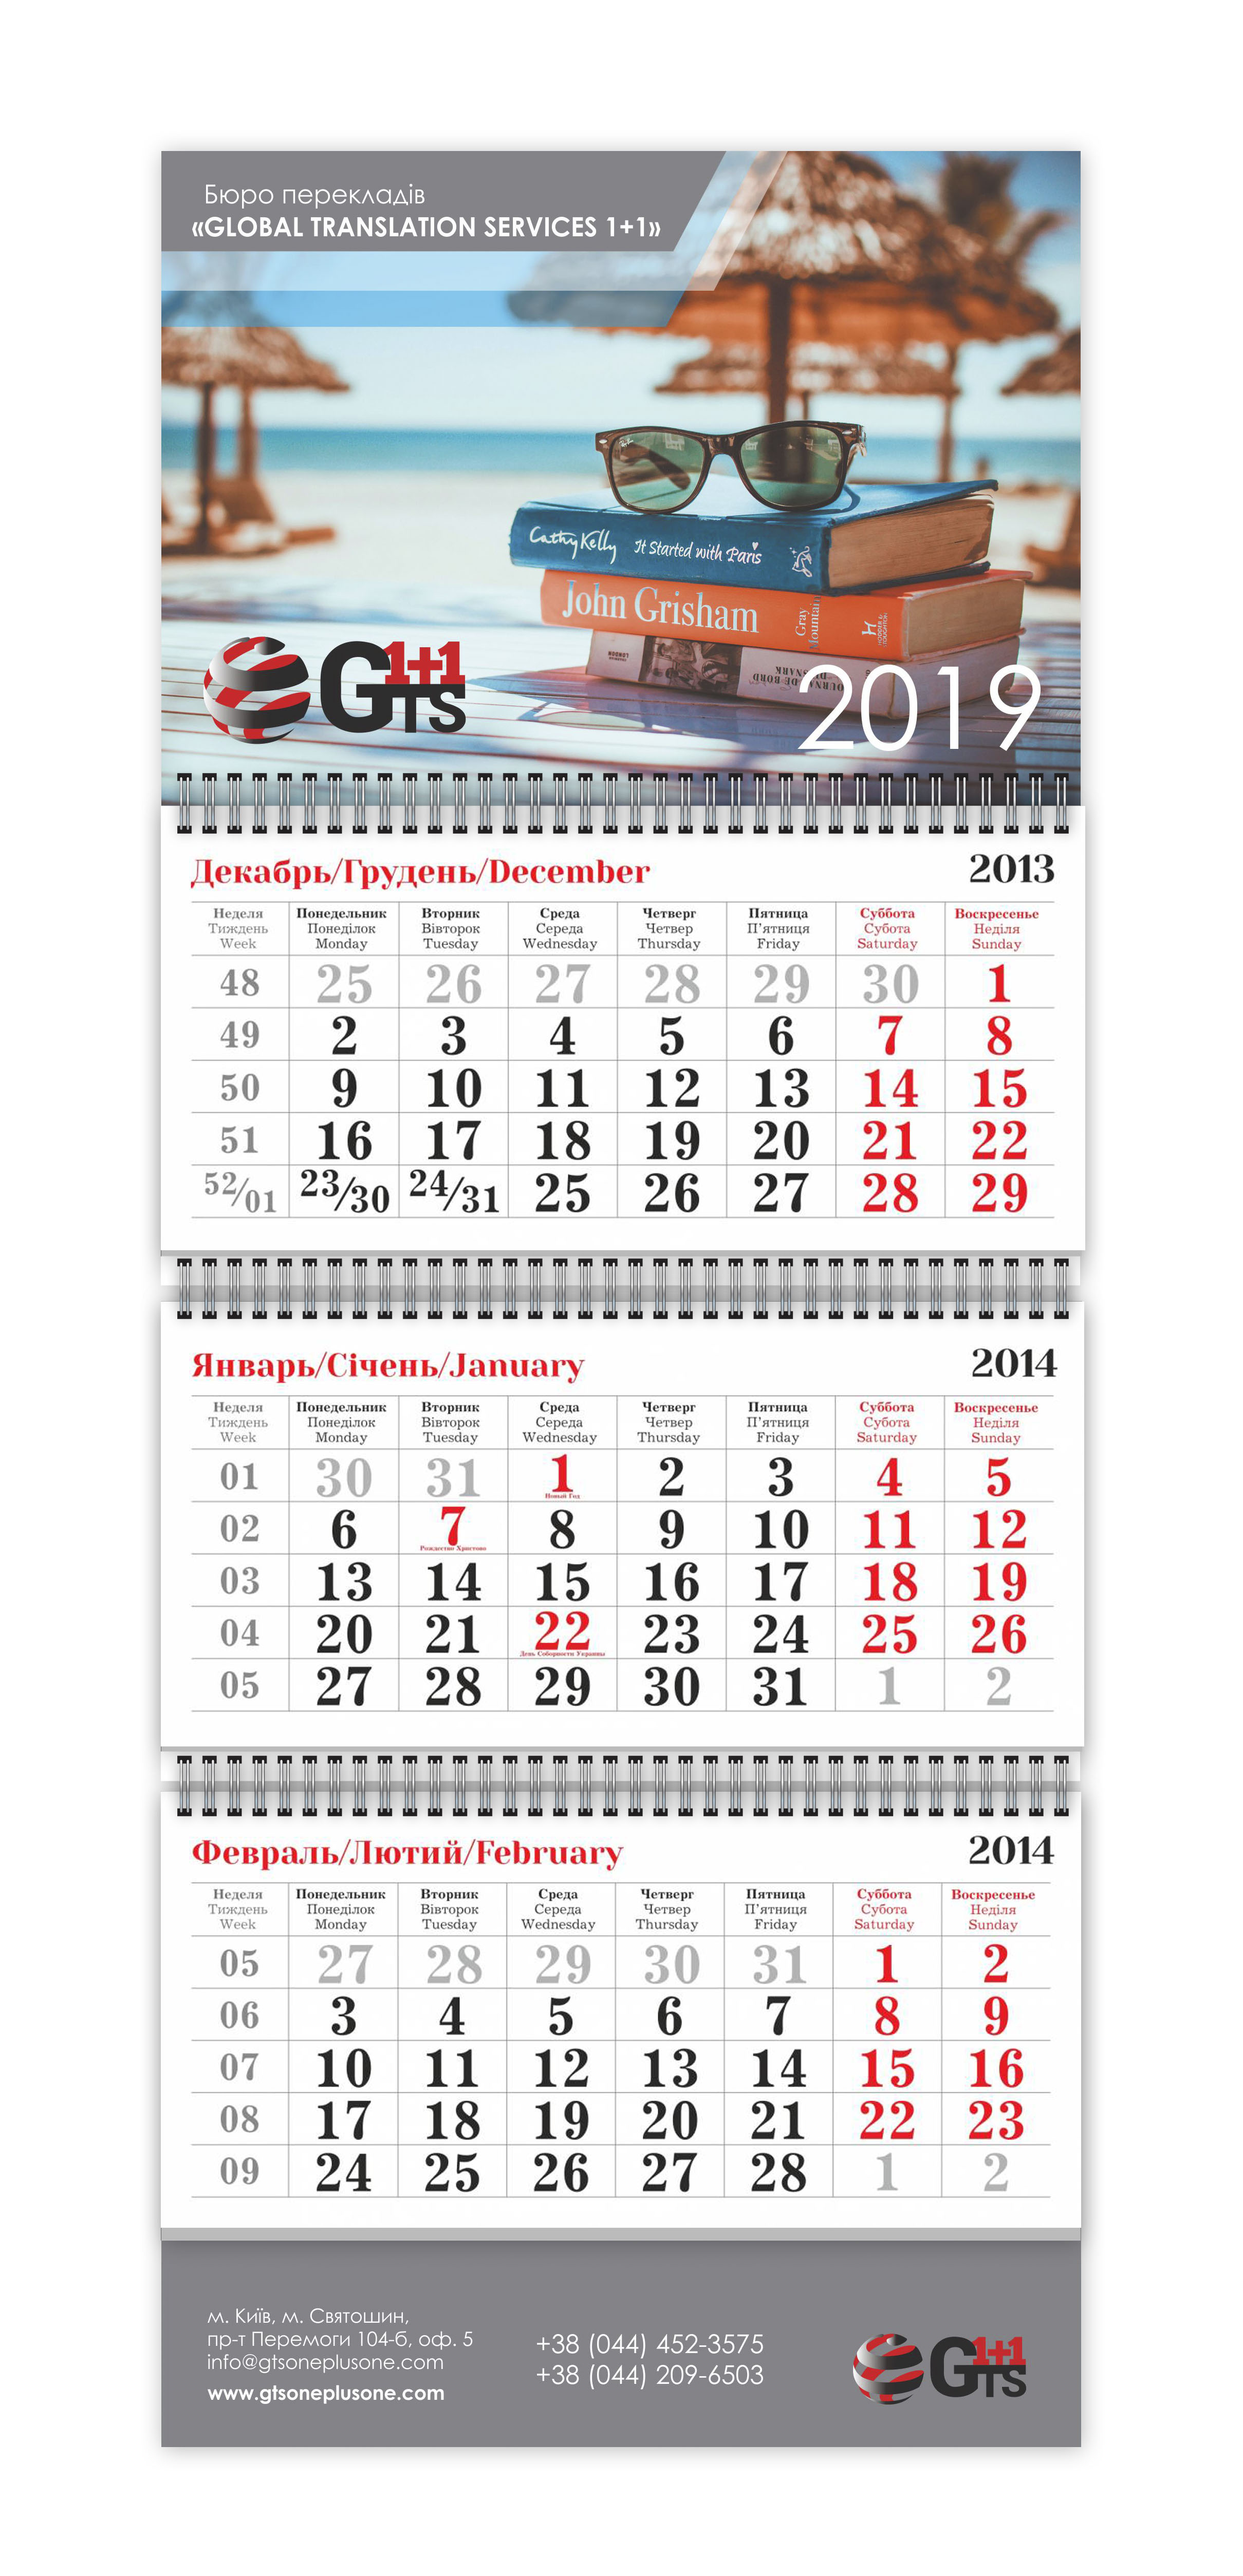 Дизайн квартального календаря бюро переводов GTS превью утвержденного варианта www.makety.top